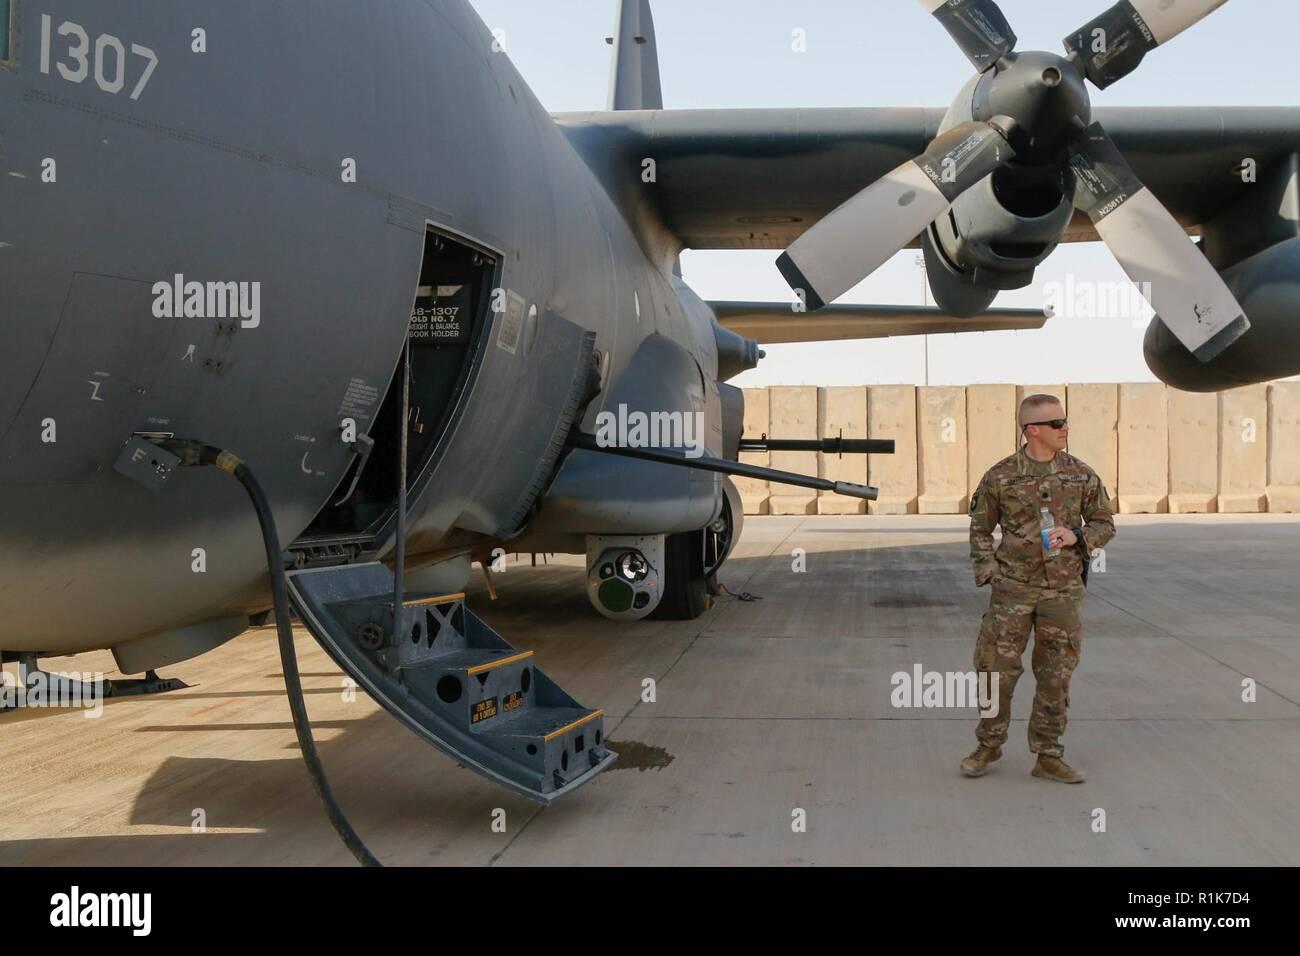 Le Lieutenant-colonel de l'armée américaine Jessie Griffith, commandant du 925e Bataillon du contractant, est à côté d'une AC-130W Stinger II durant son combat bataille circulation à Al Asad Air Base (AAAB), l'Iraq, 5 octobre 2018. AAAB est une combinaison d'un groupe de travail conjoint - Fonctionnement amélioré la capacité inhérente de résoudre partenaire emplacement consacre à la formation des forces des partenaires et renforcer leur efficacité. Photo Stock